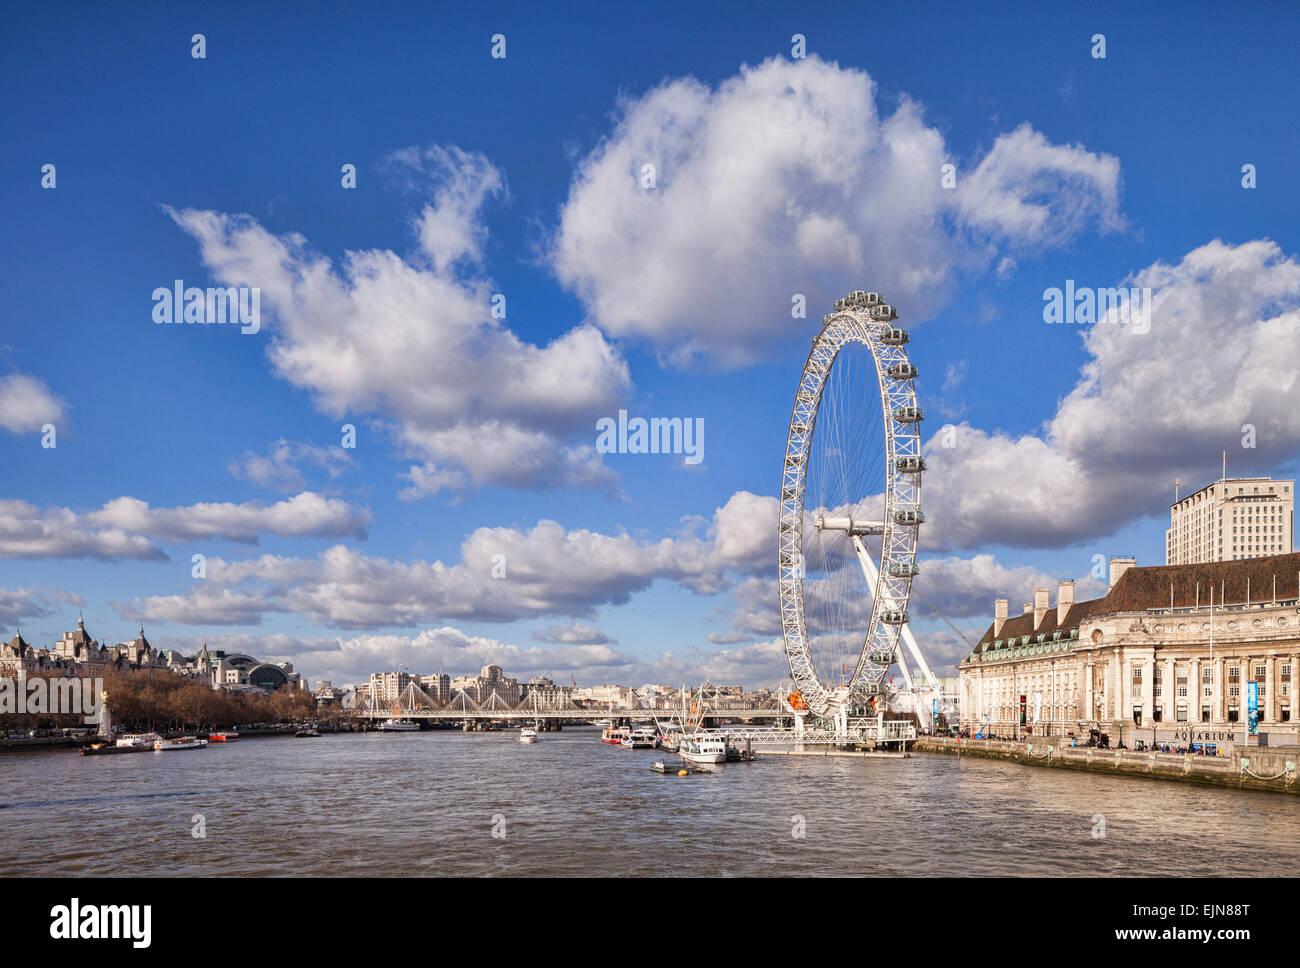 Blick auf die Themse flussabwärts von Westminster Bridge, die Millennium Bridge, London Eye und County Hall. Stockbild